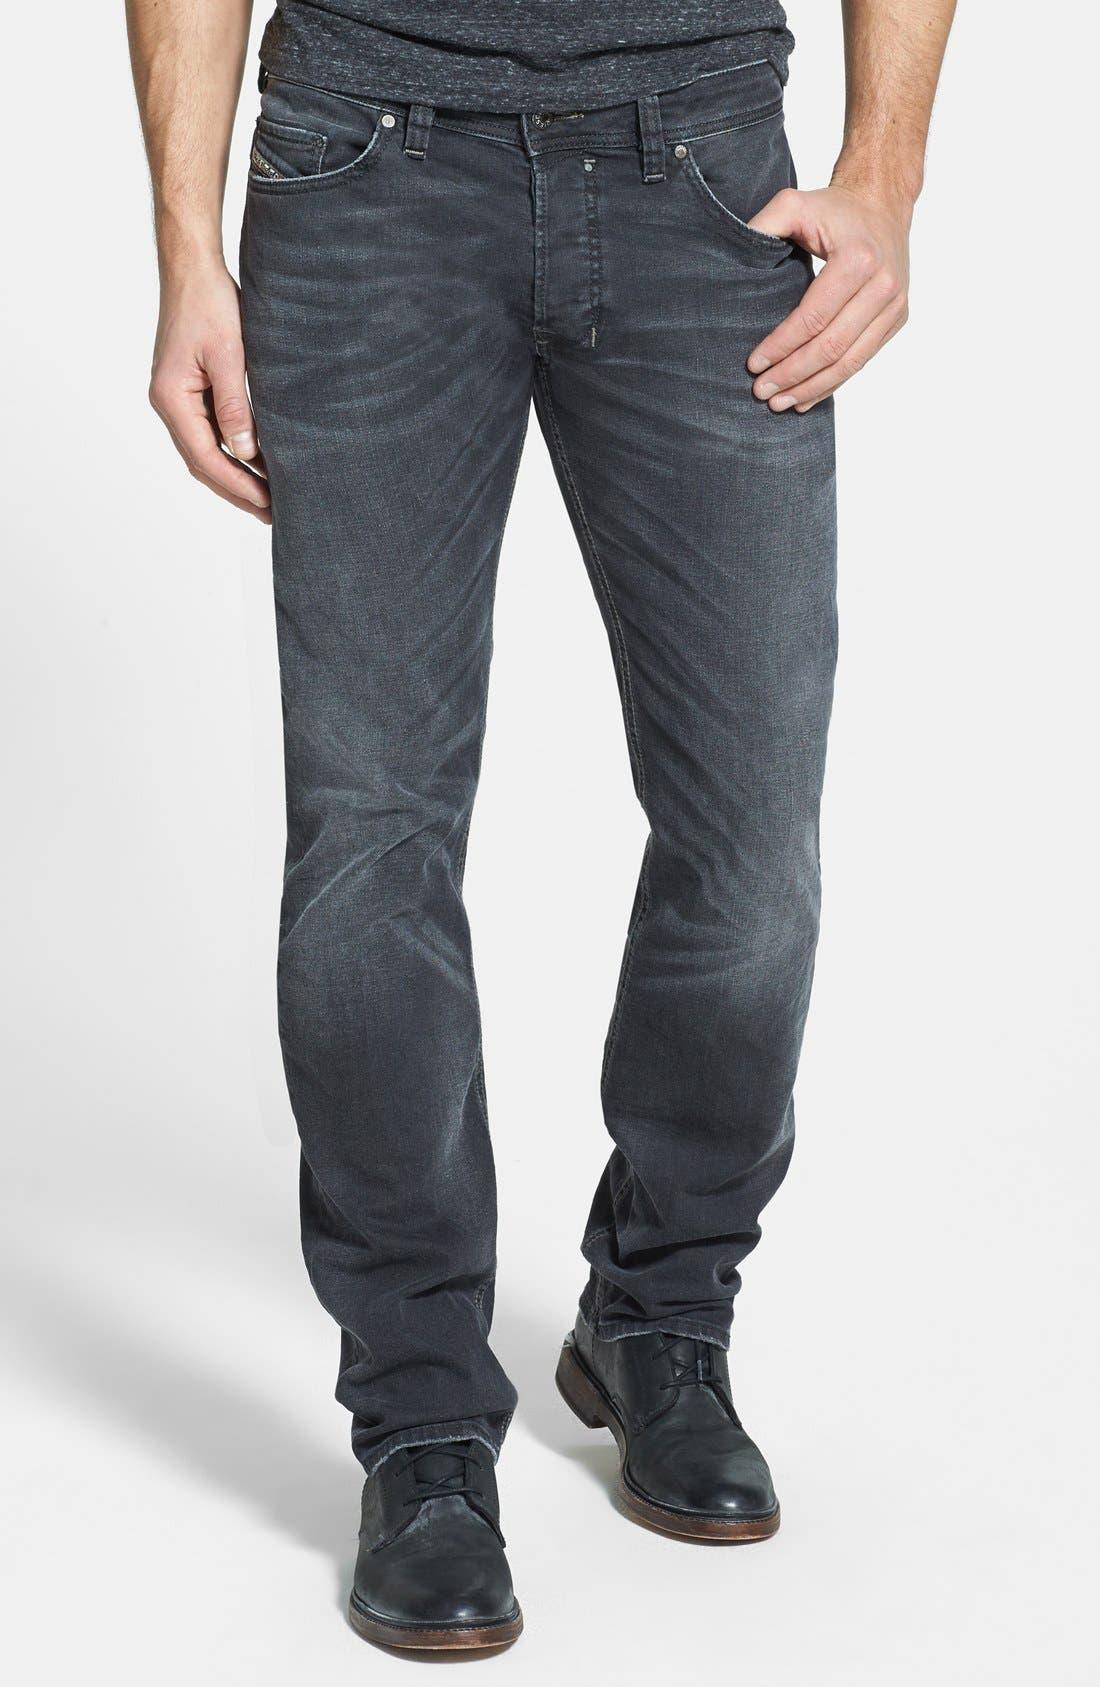 Alternate Image 1 Selected - DIESEL® 'Safado' Slim Fit Jeans (Black)